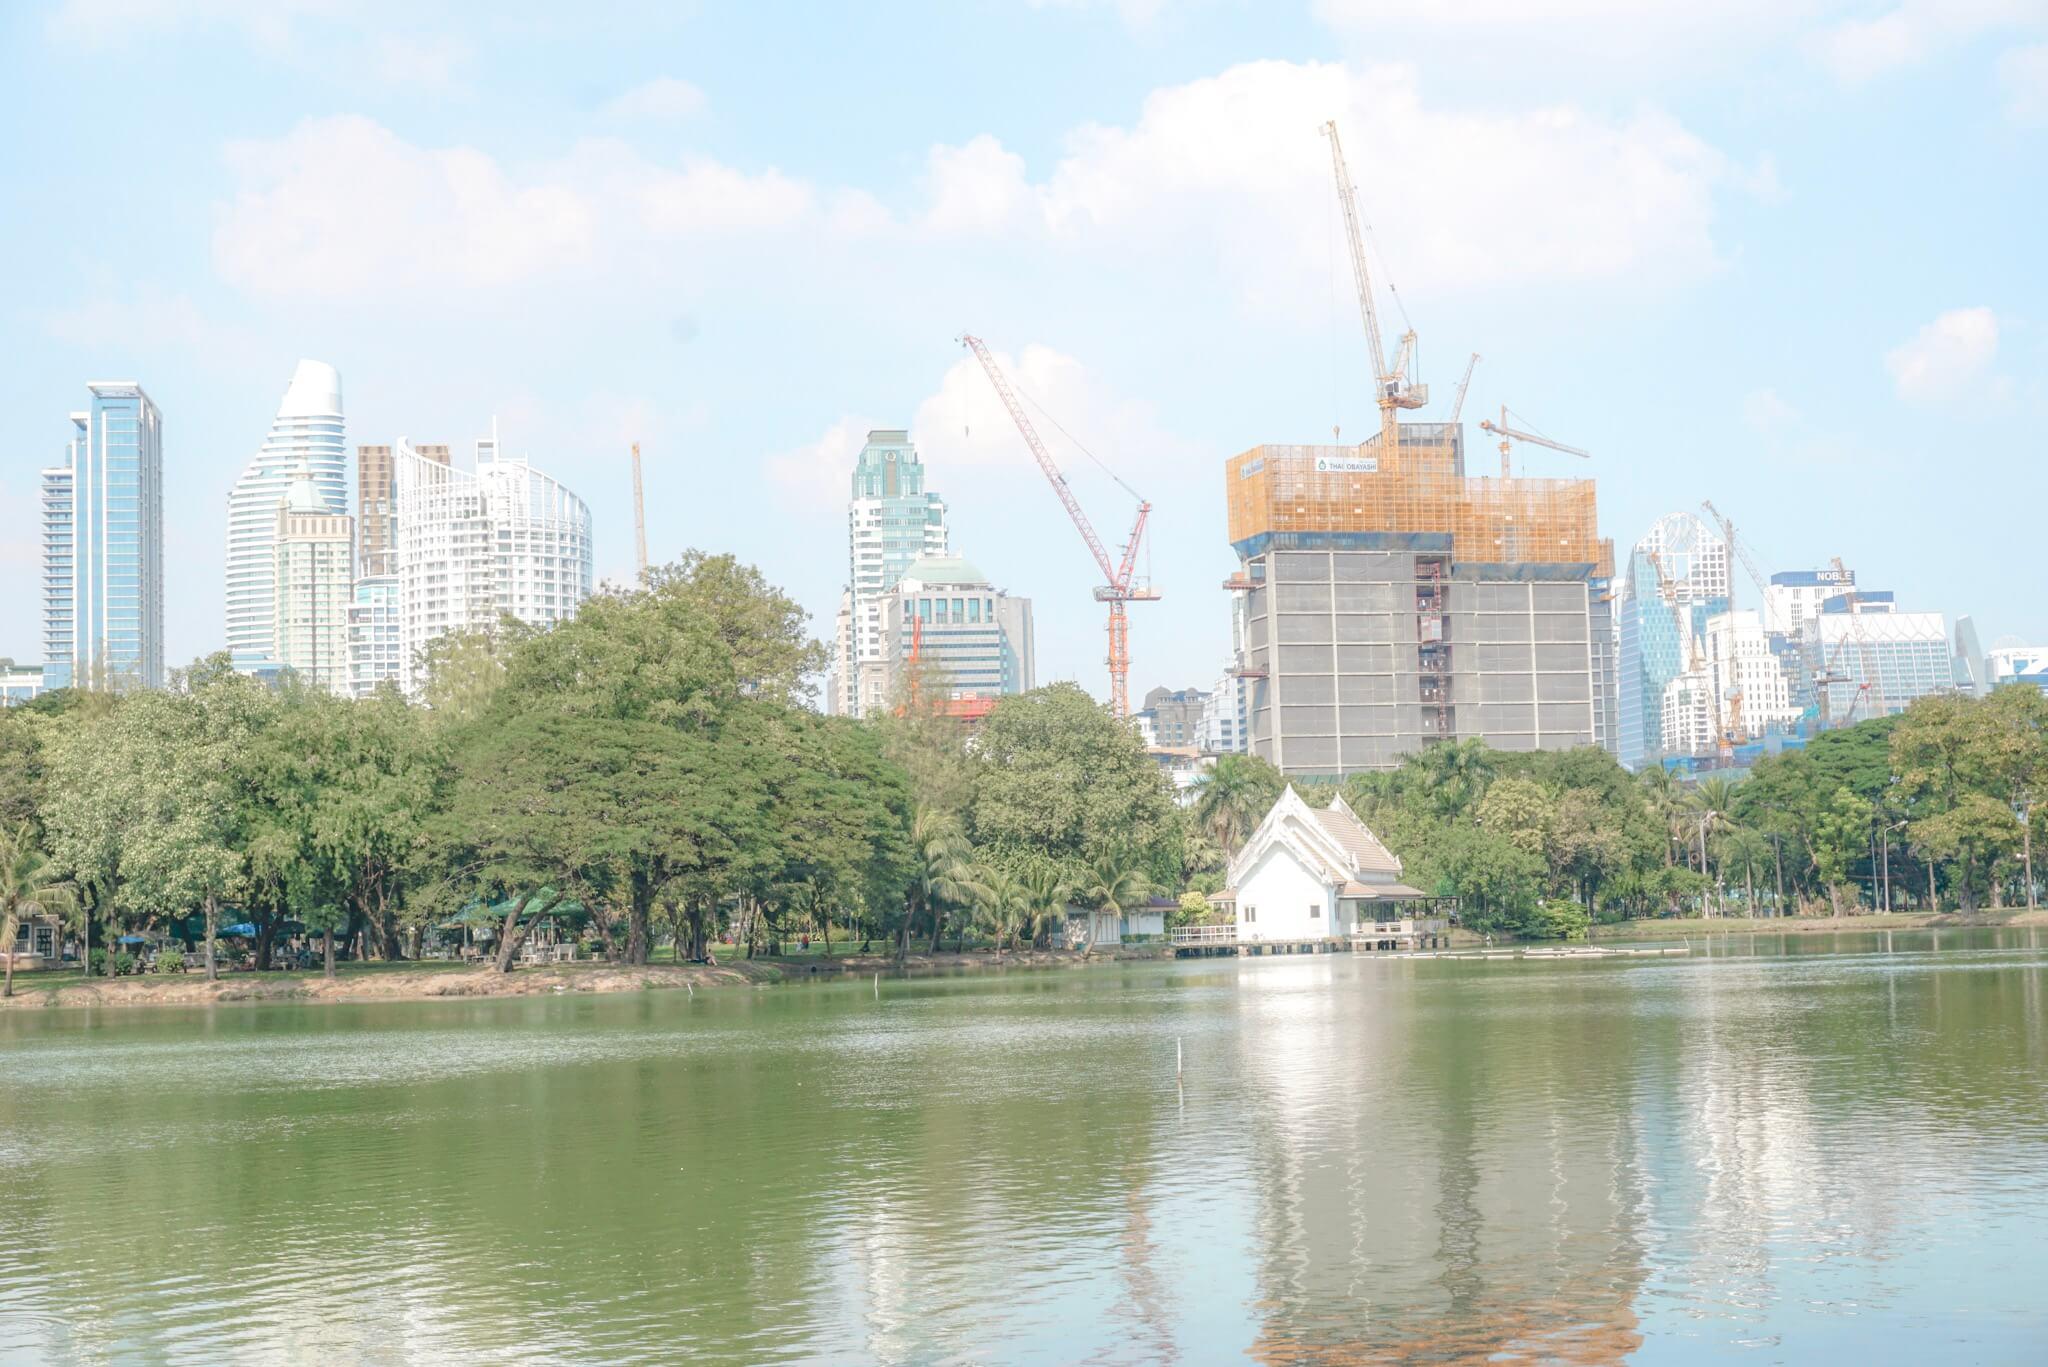 comment aller au parc Lumphini Bangkok